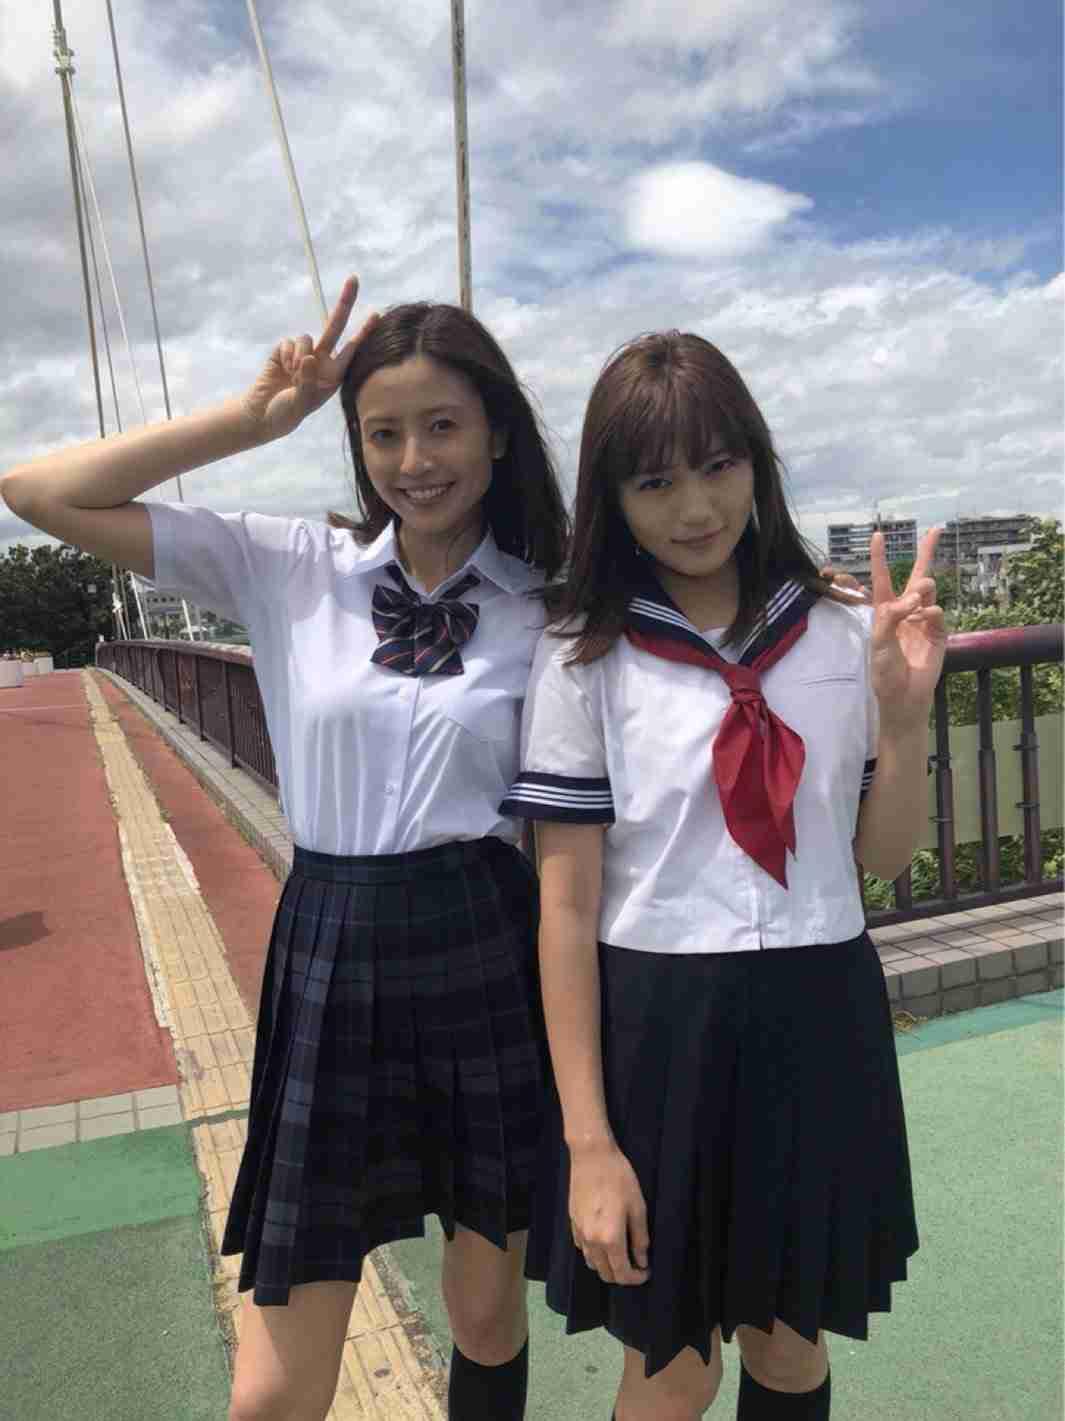 川口春奈&片瀬那奈、制服姿で美脚披露 姉妹役で共演<ヒモメン>